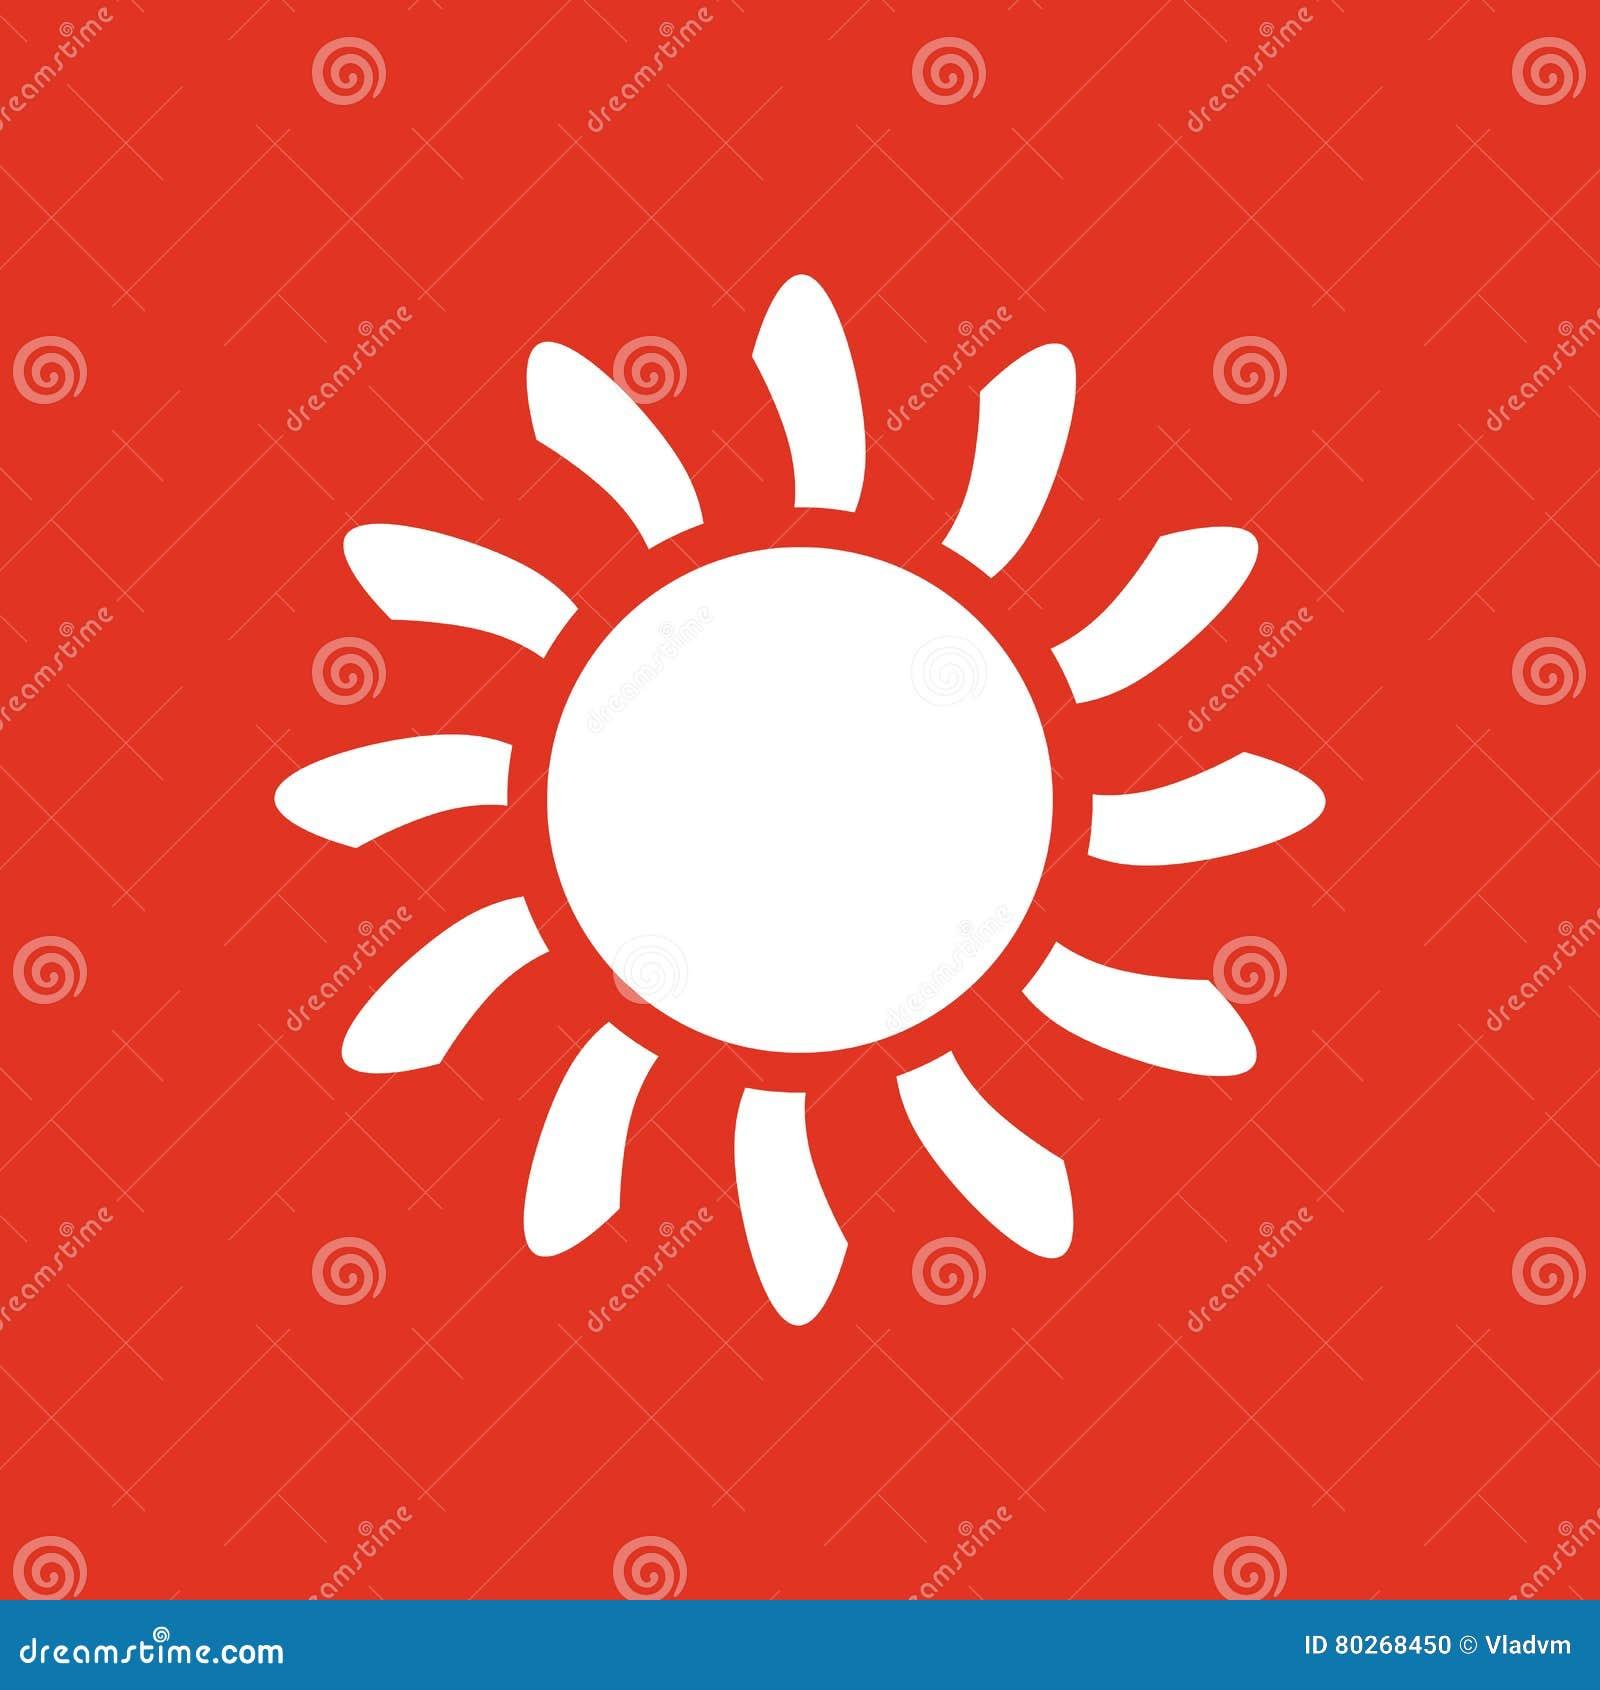 The Sunrise Icon  Sunrise And Sunshine, Weather, Sun Symbol